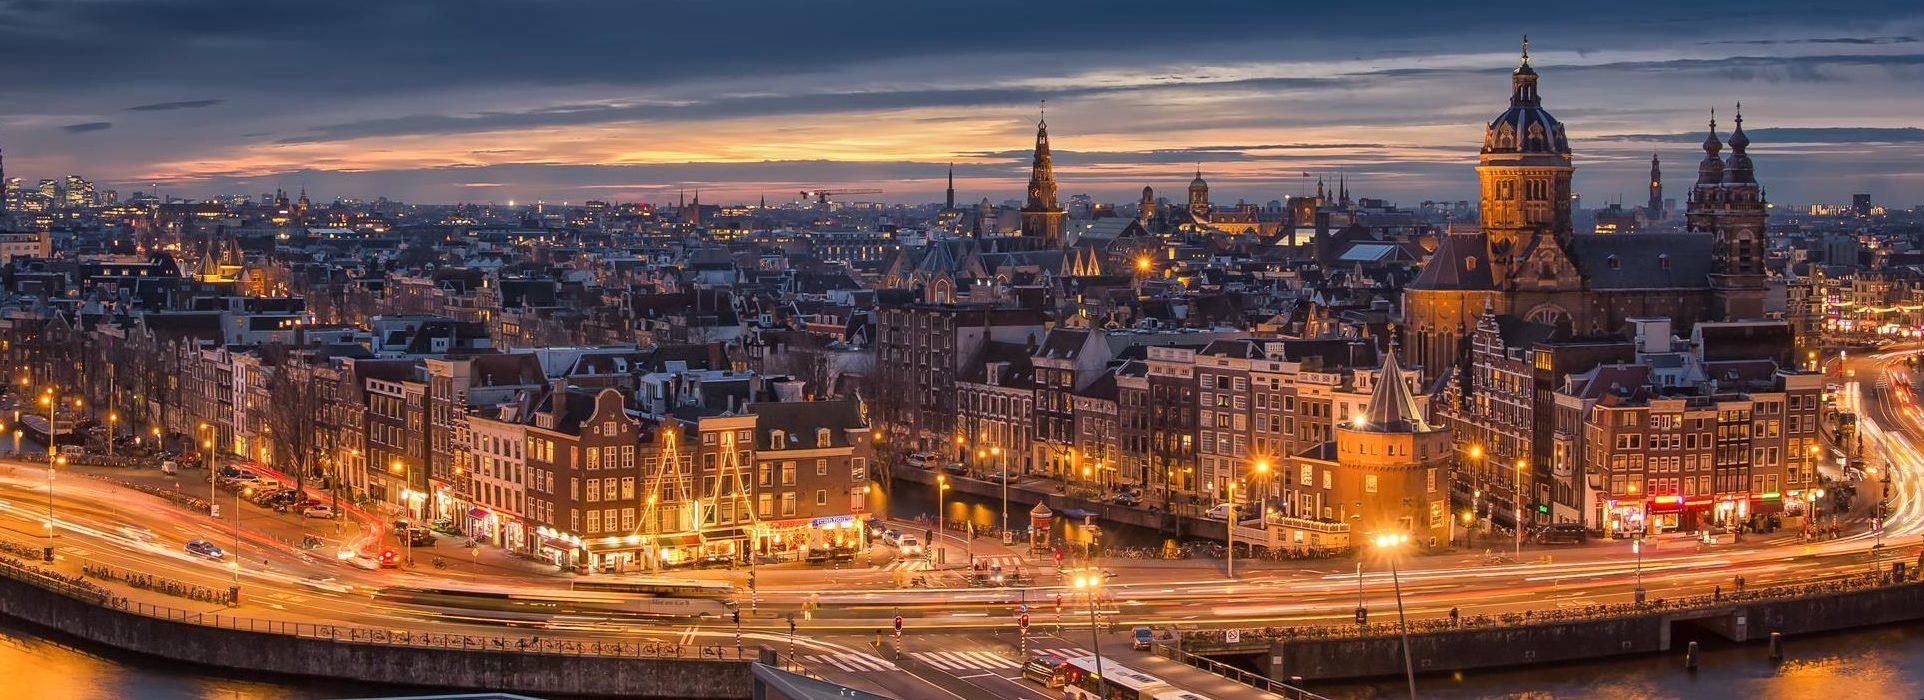 Renovación del alumbrado público de la capital holandesa